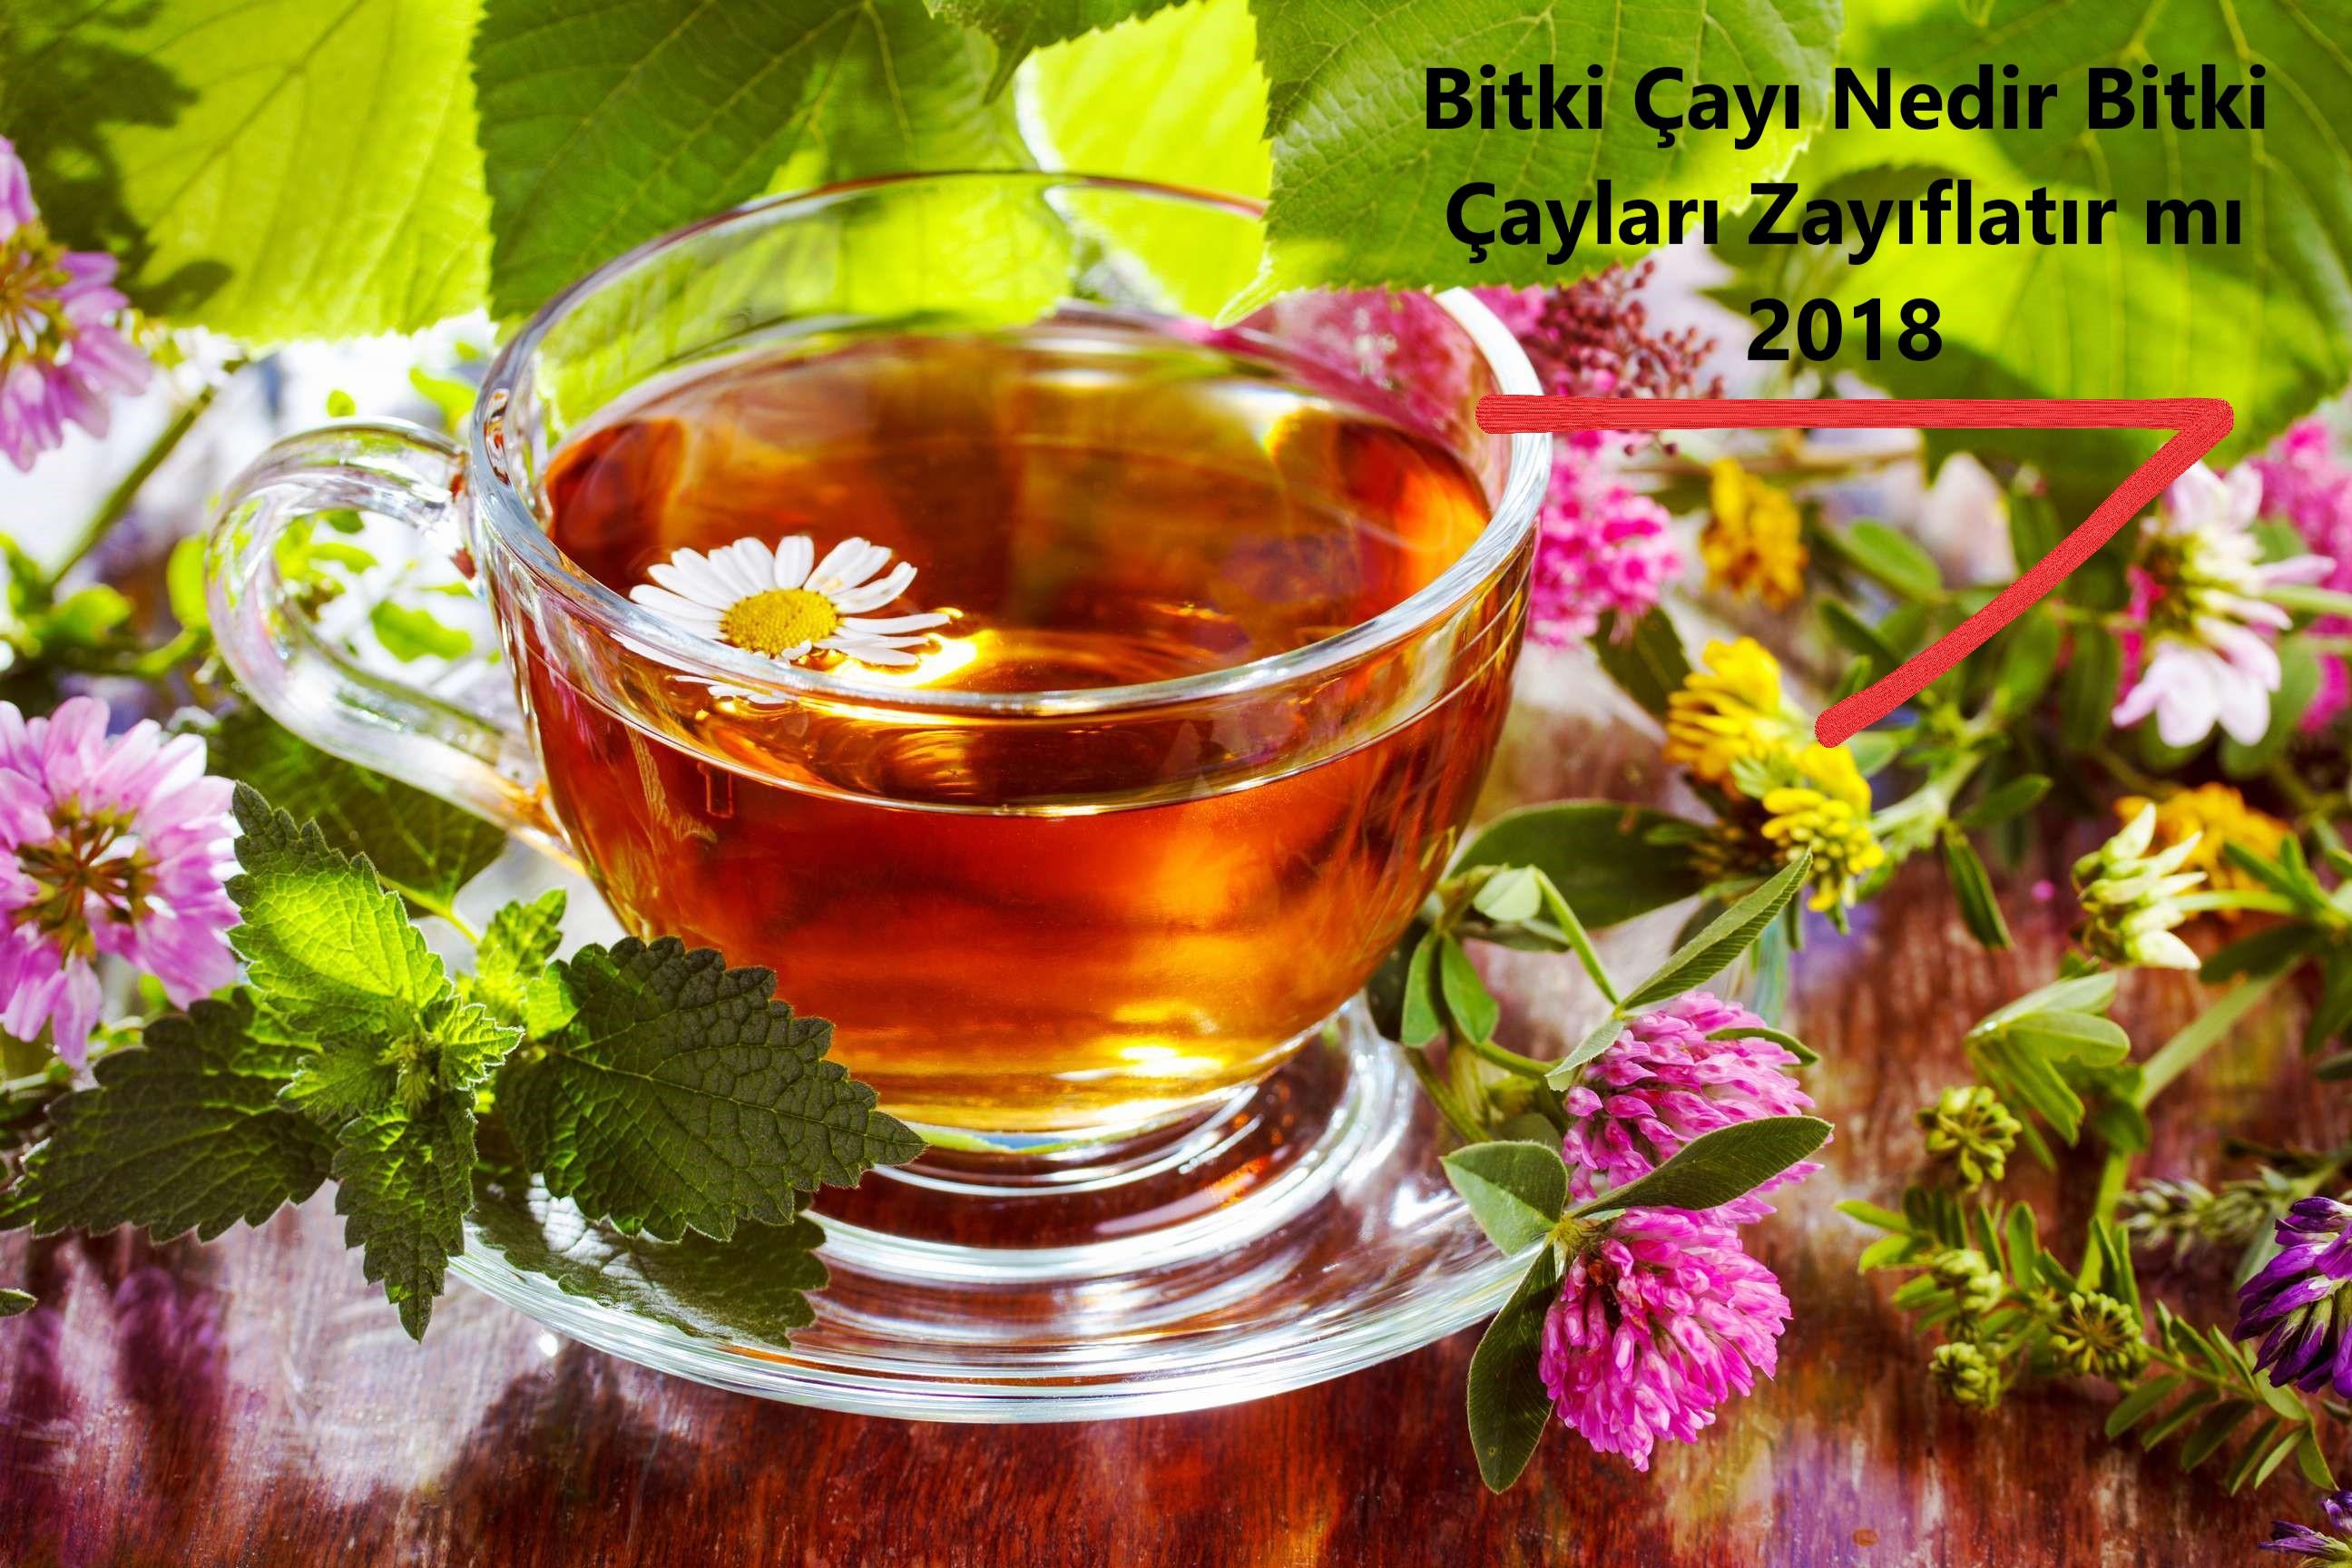 En Etkili Zayıflatan Bitkiler ve Bitki Çayları